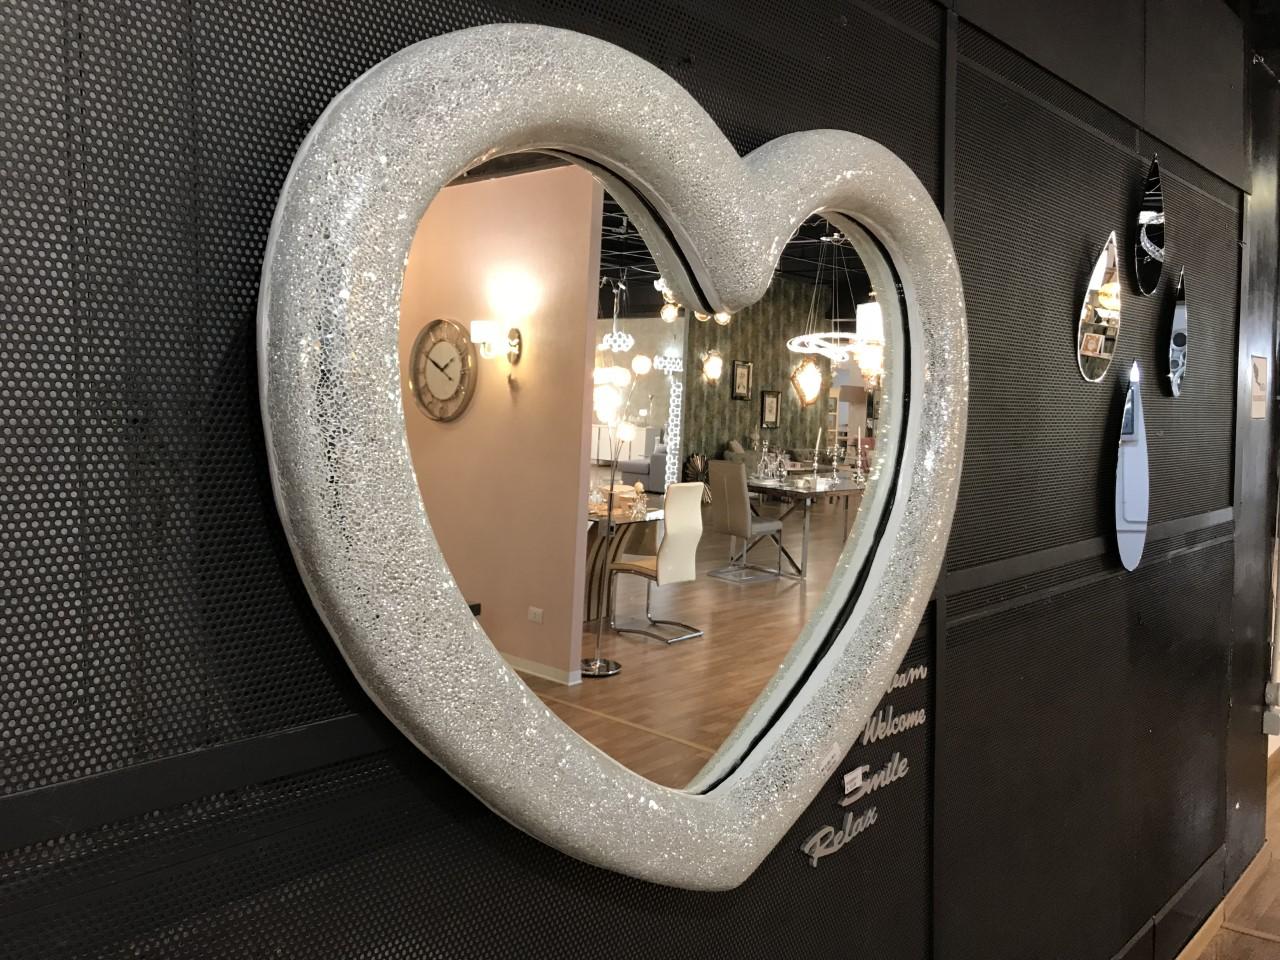 Specchio cuore exaltation brighter home - Specchio a cuore ...